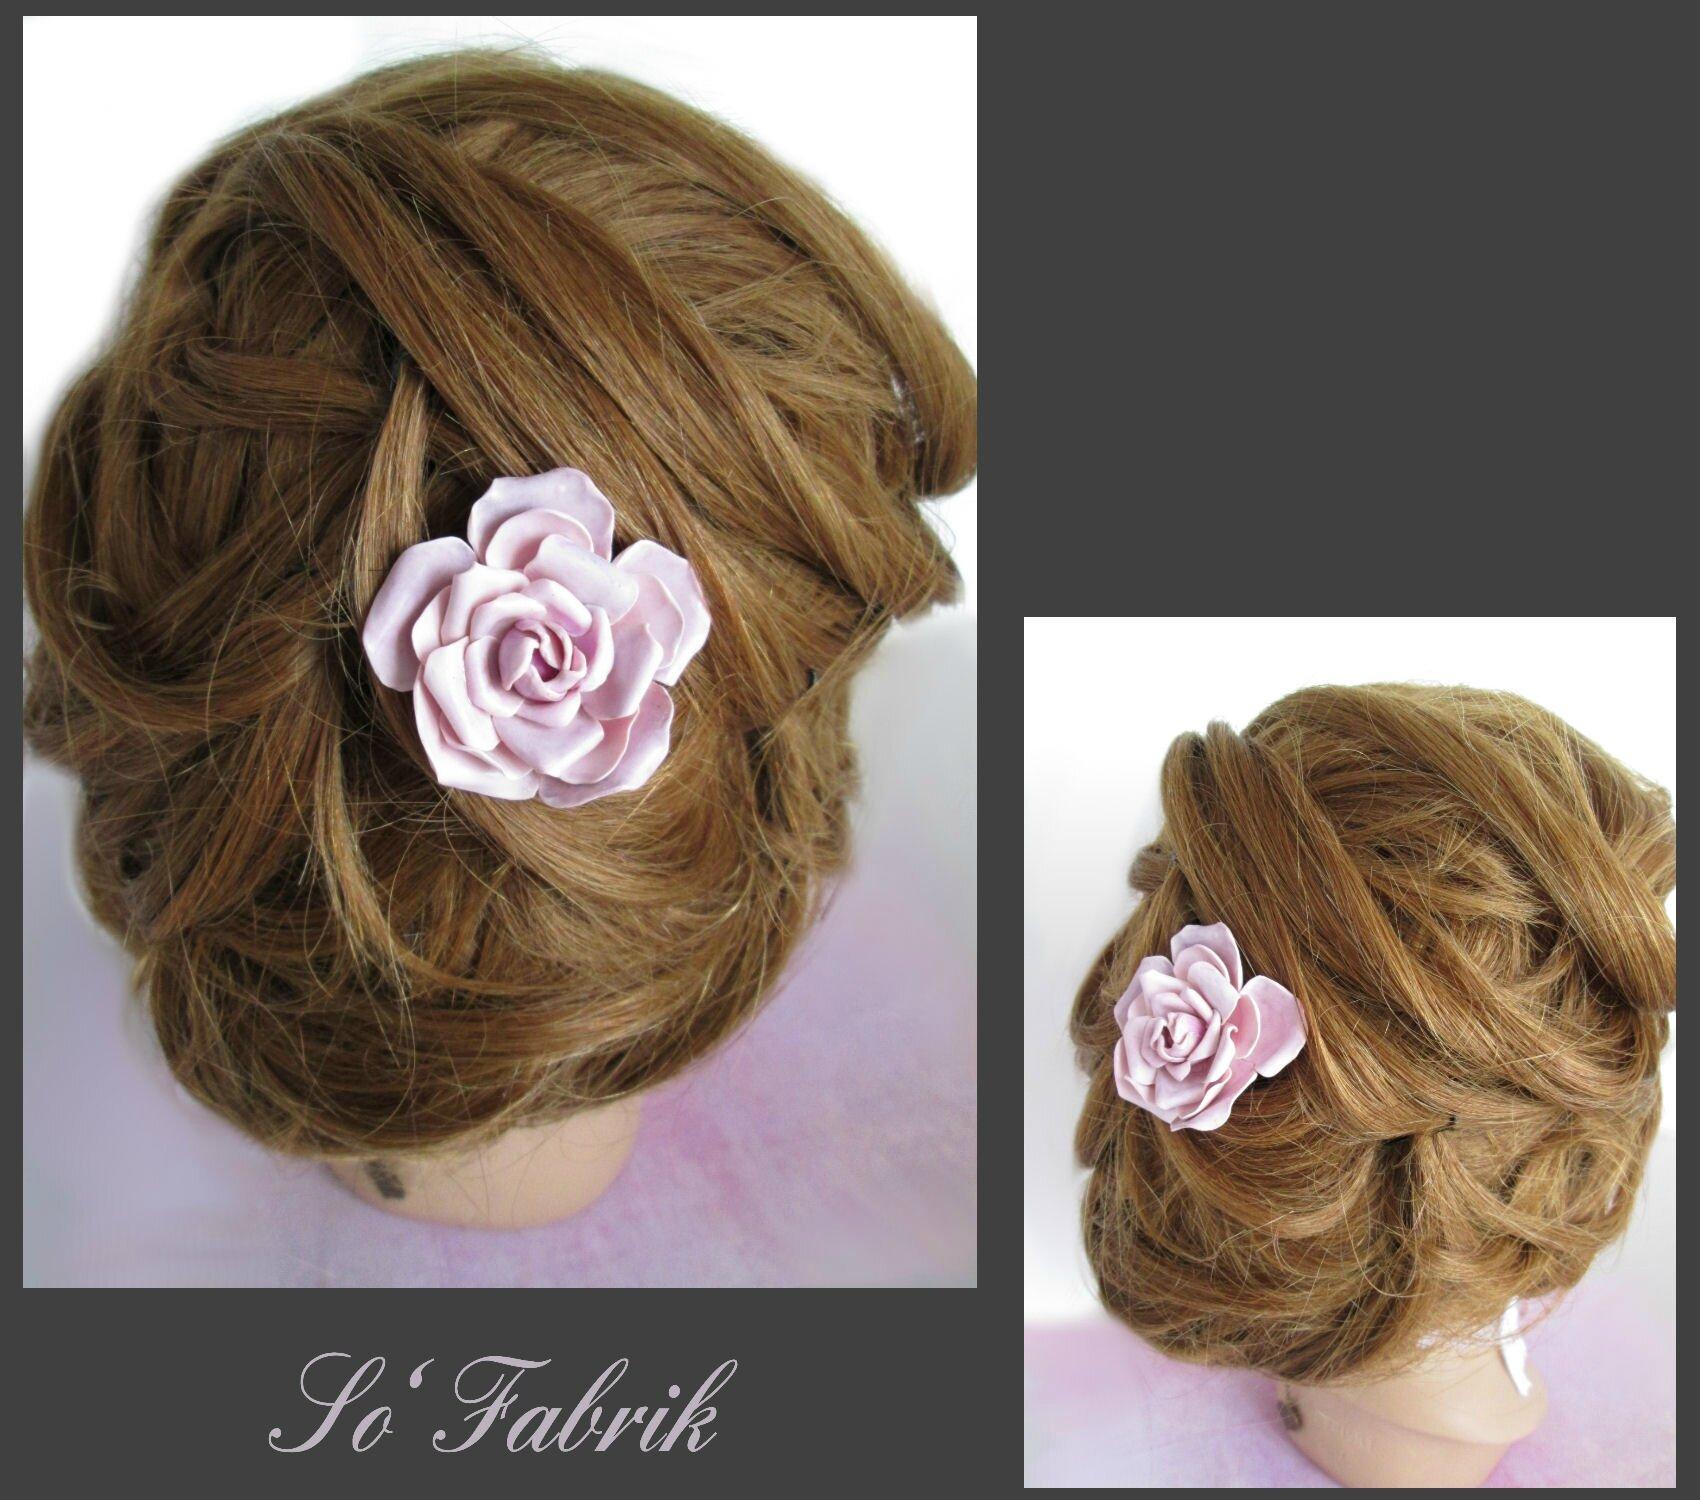 Rose dentelle le grand pic à cheveux porté